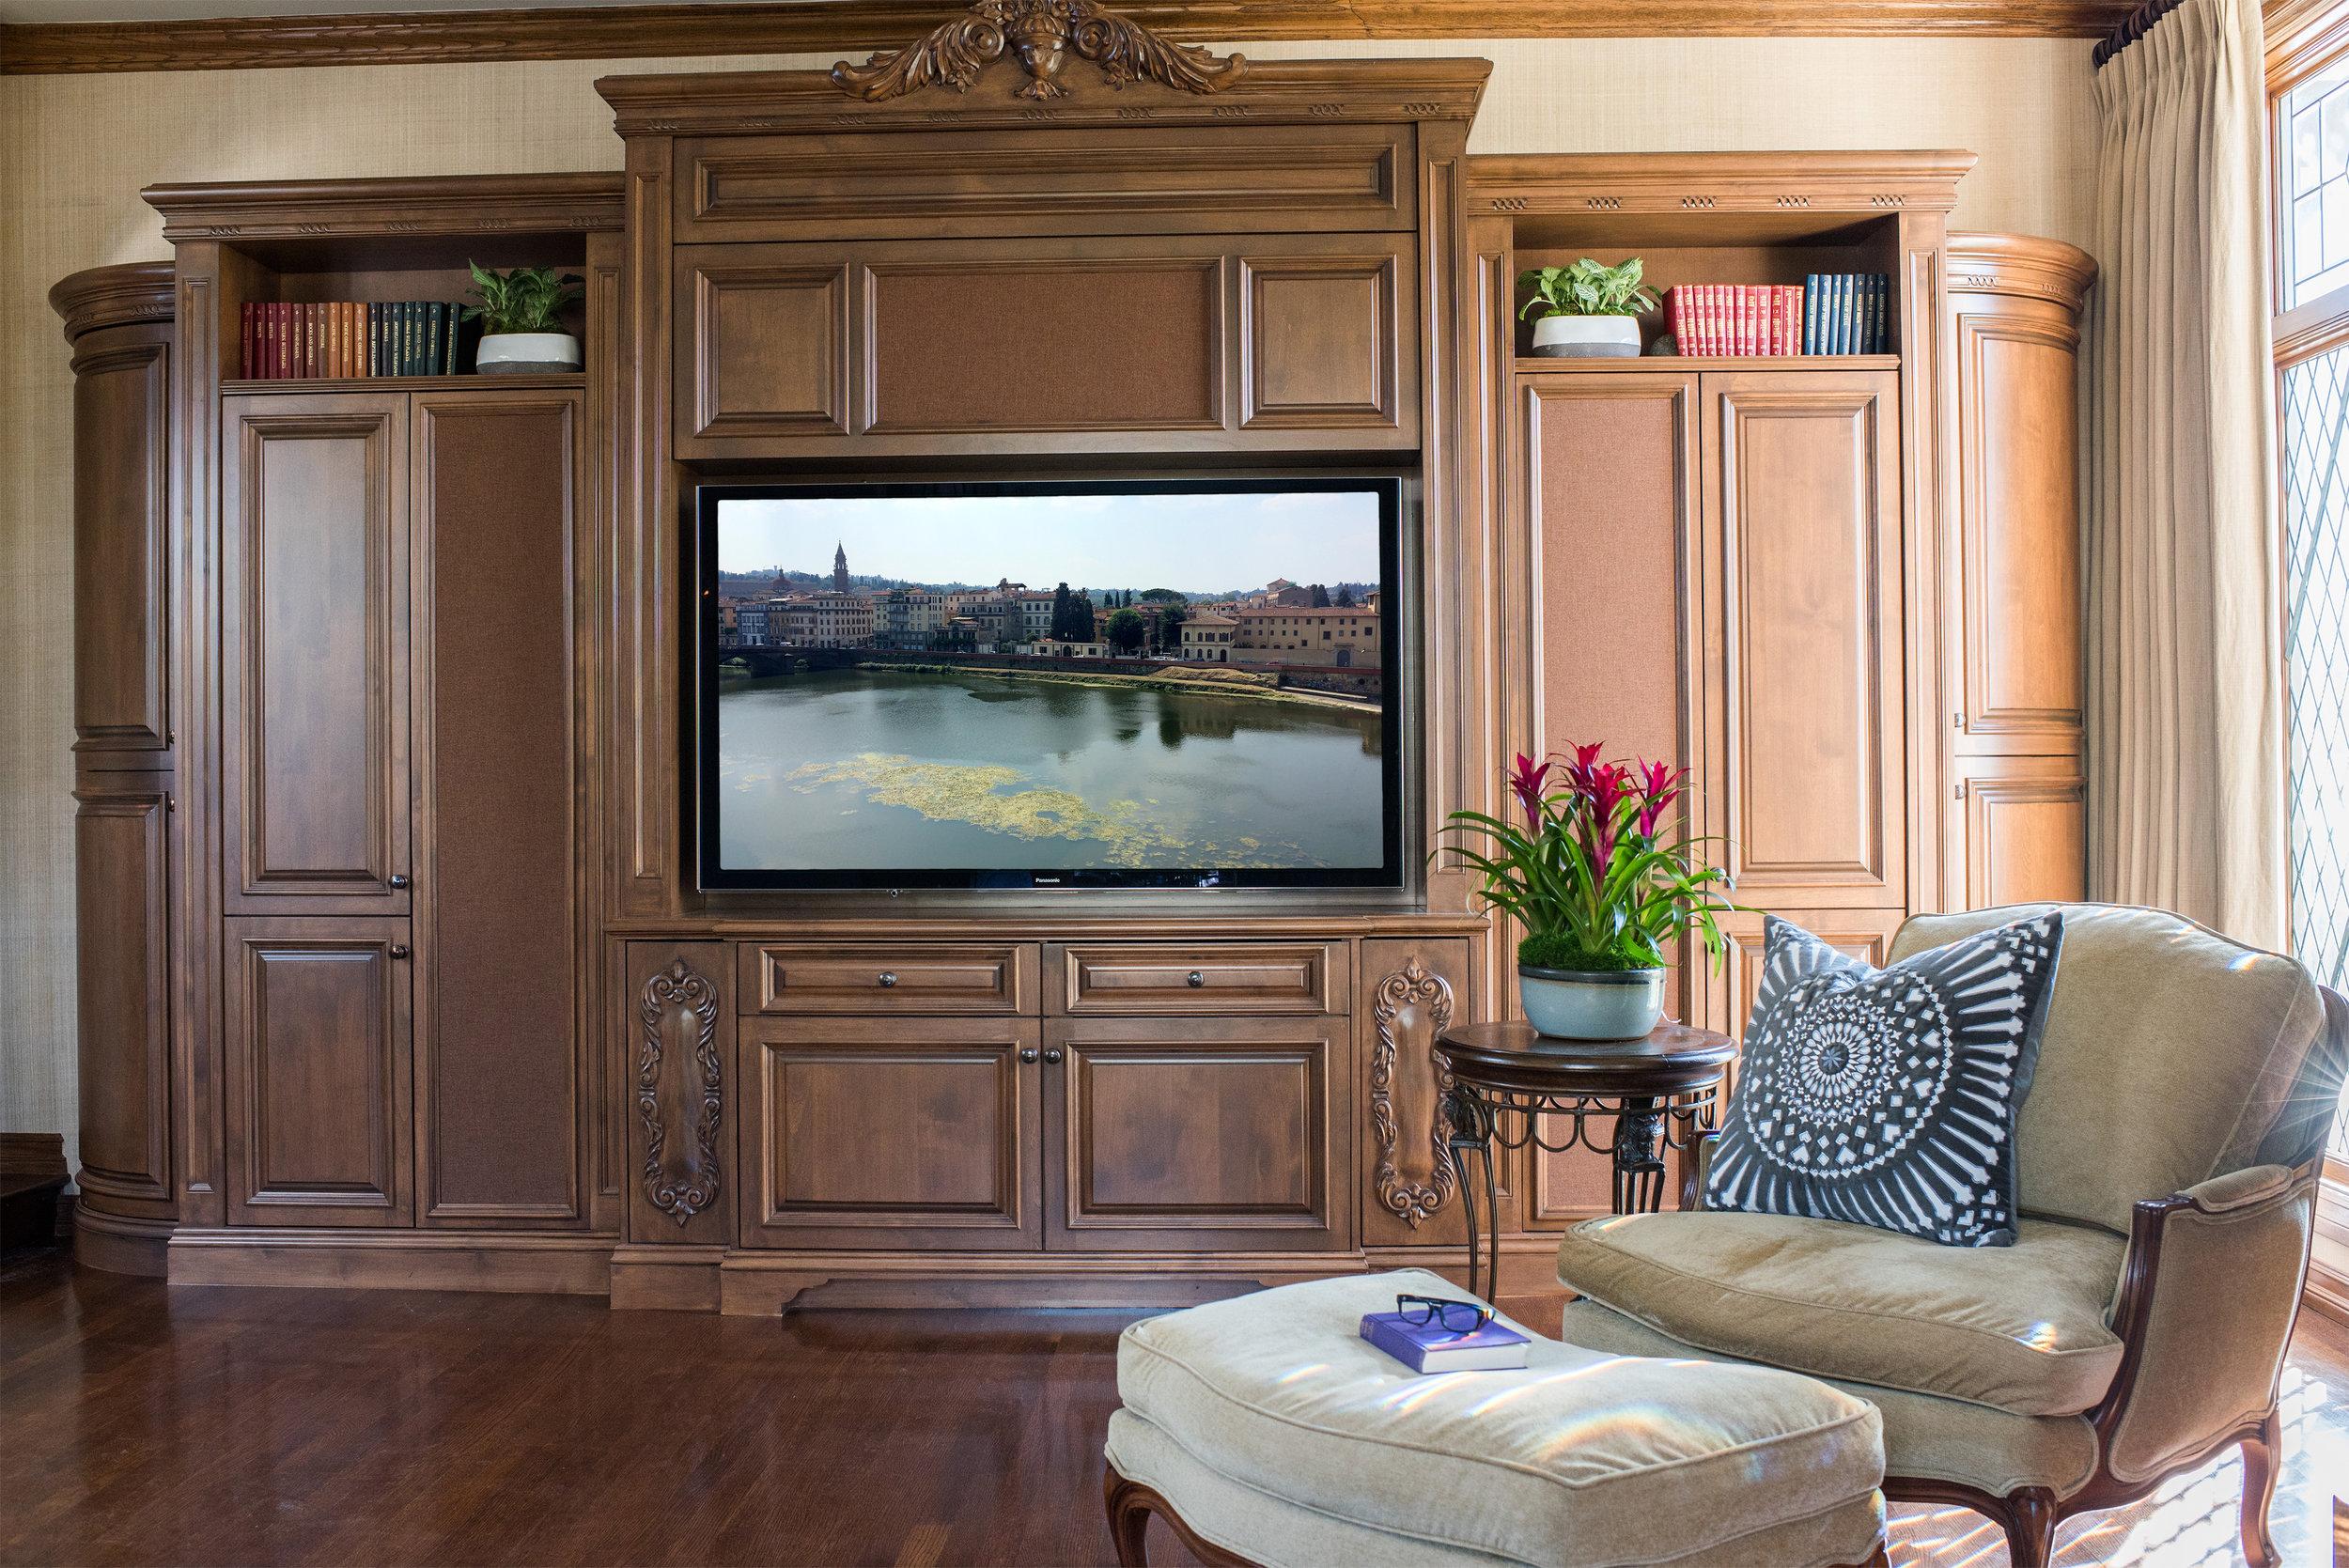 walnut.builtin.entertainment.design.storage.luxury.jpg